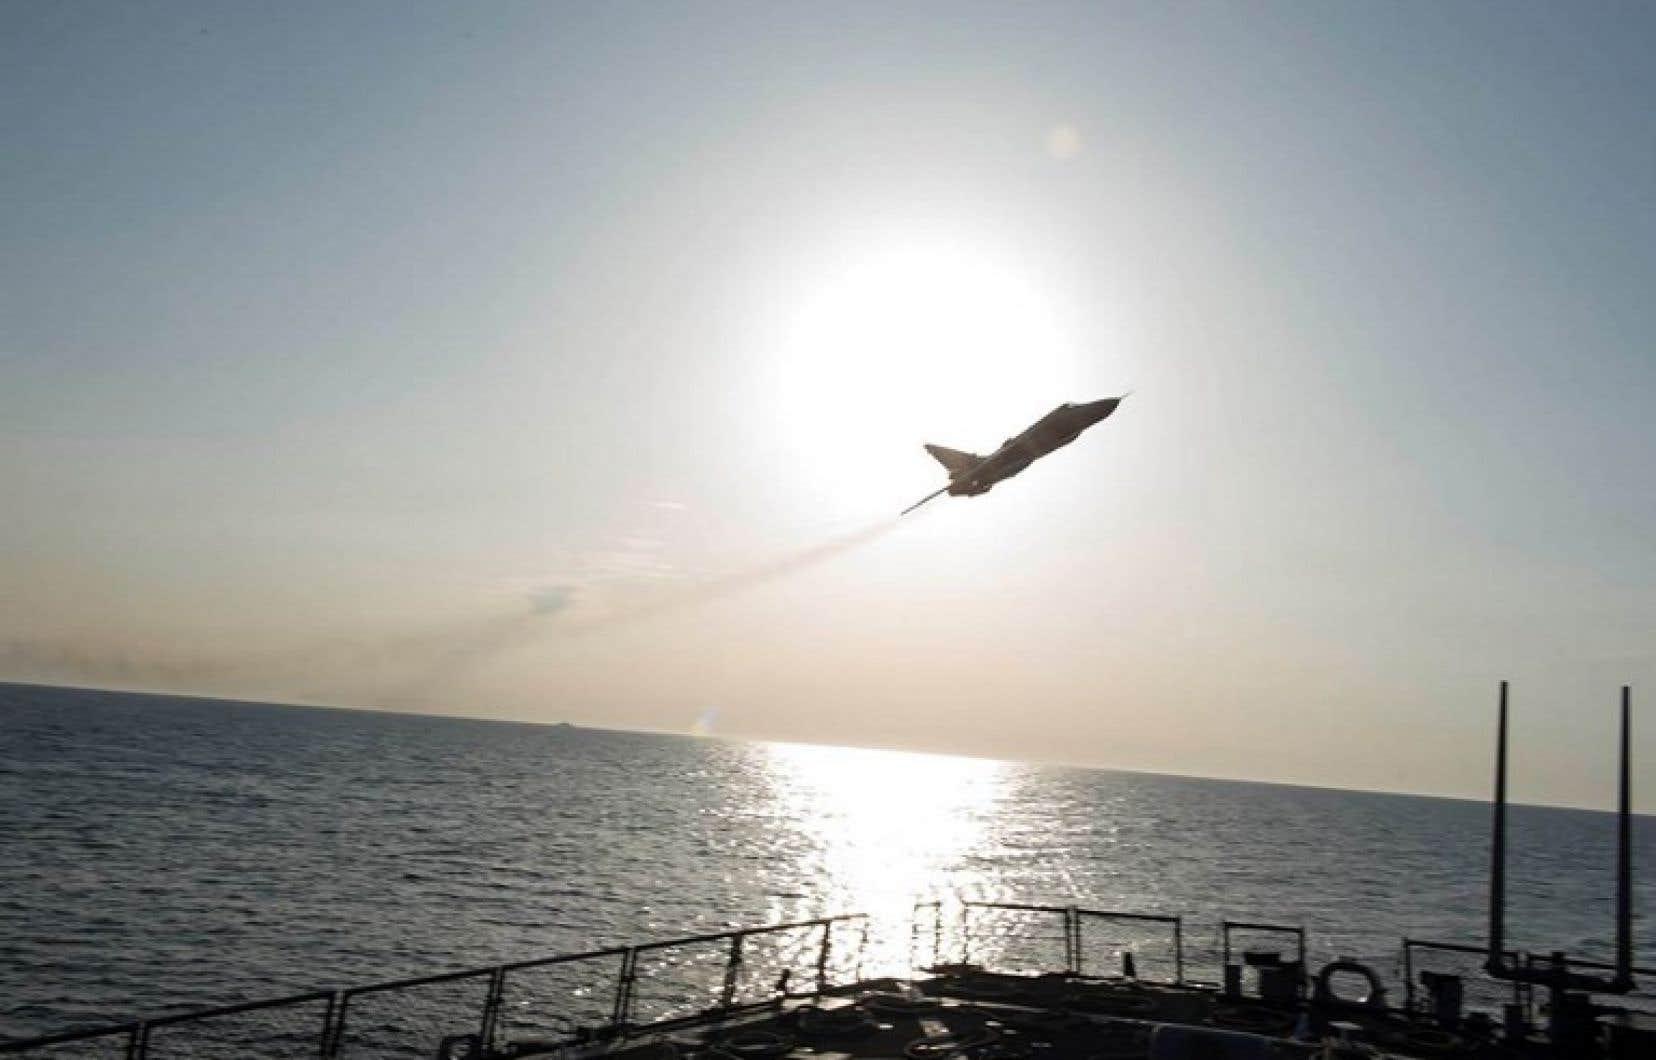 Des civils souffrent d'asphyxie — Bombardements en Syrie